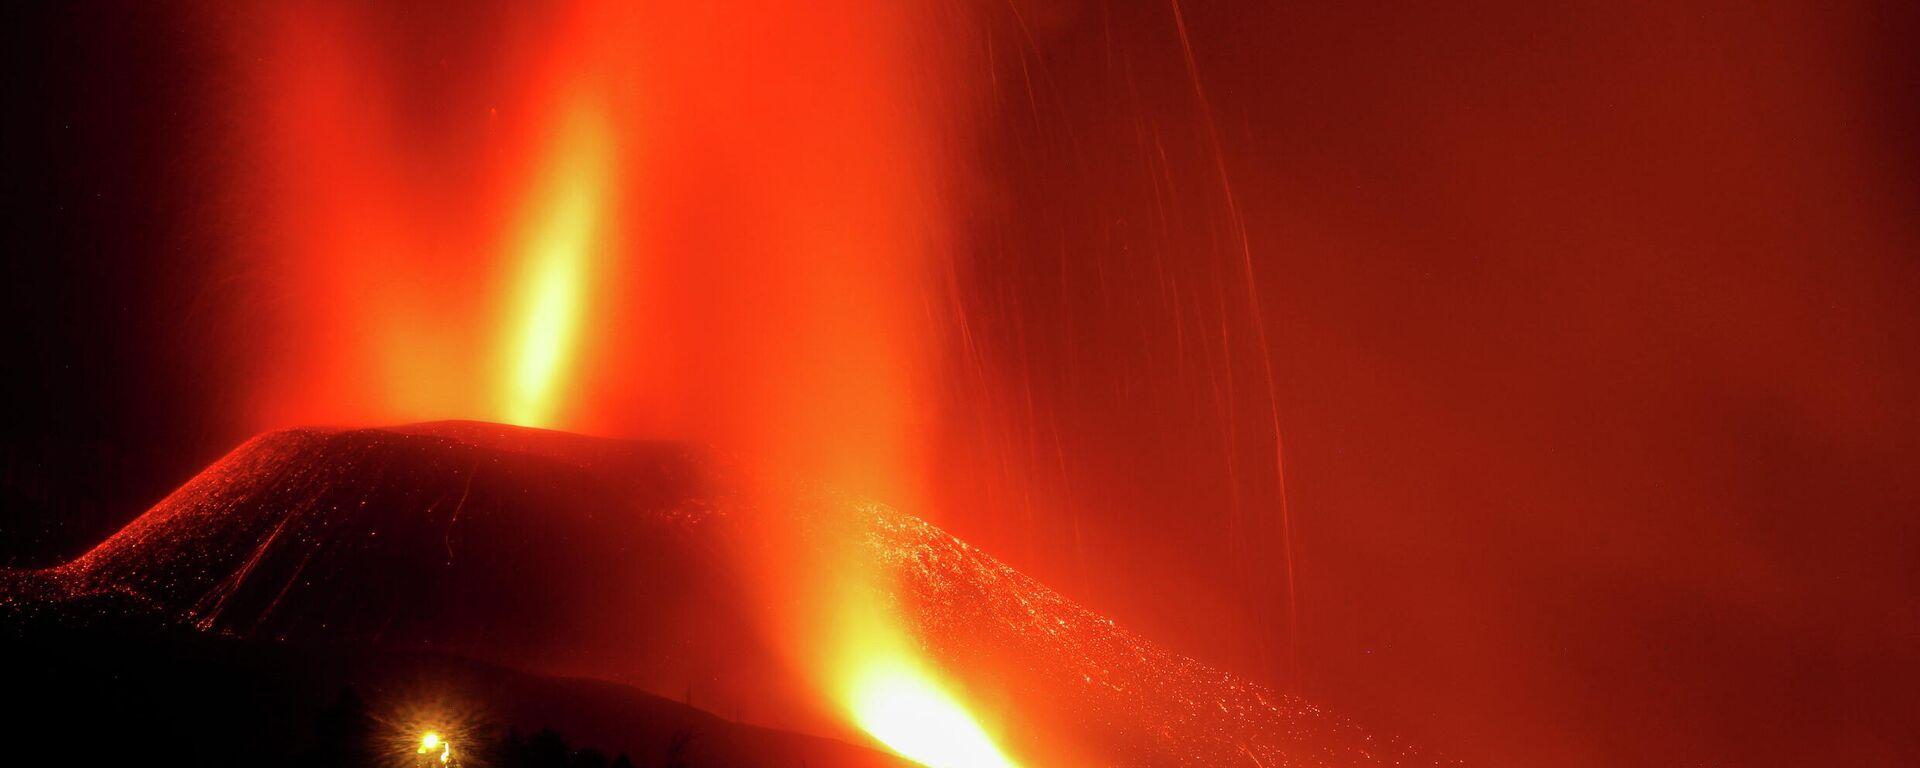 La erupción del volcán de La Palma - Sputnik Mundo, 1920, 25.09.2021